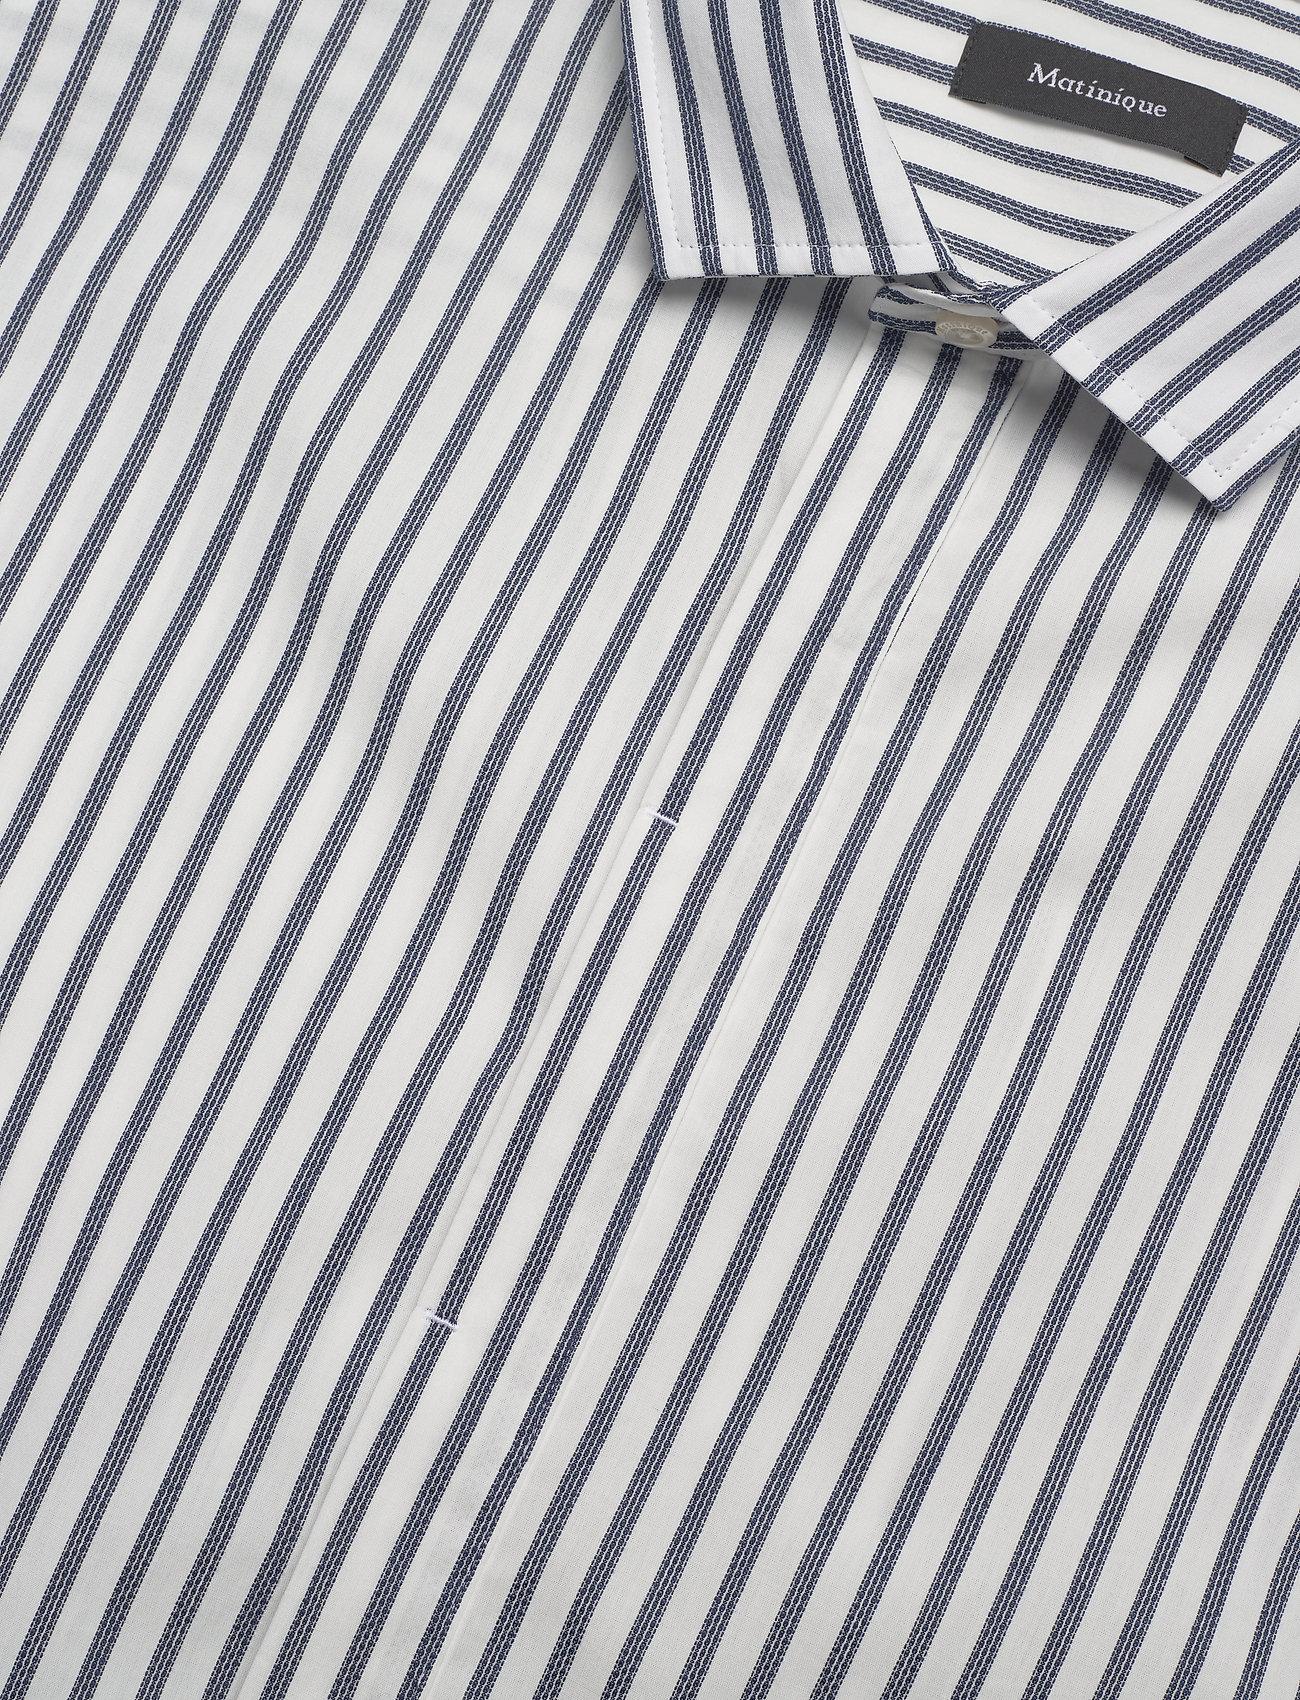 Matinique MAtrostol C Placket - Skjorter INK BLUE - Menn Klær